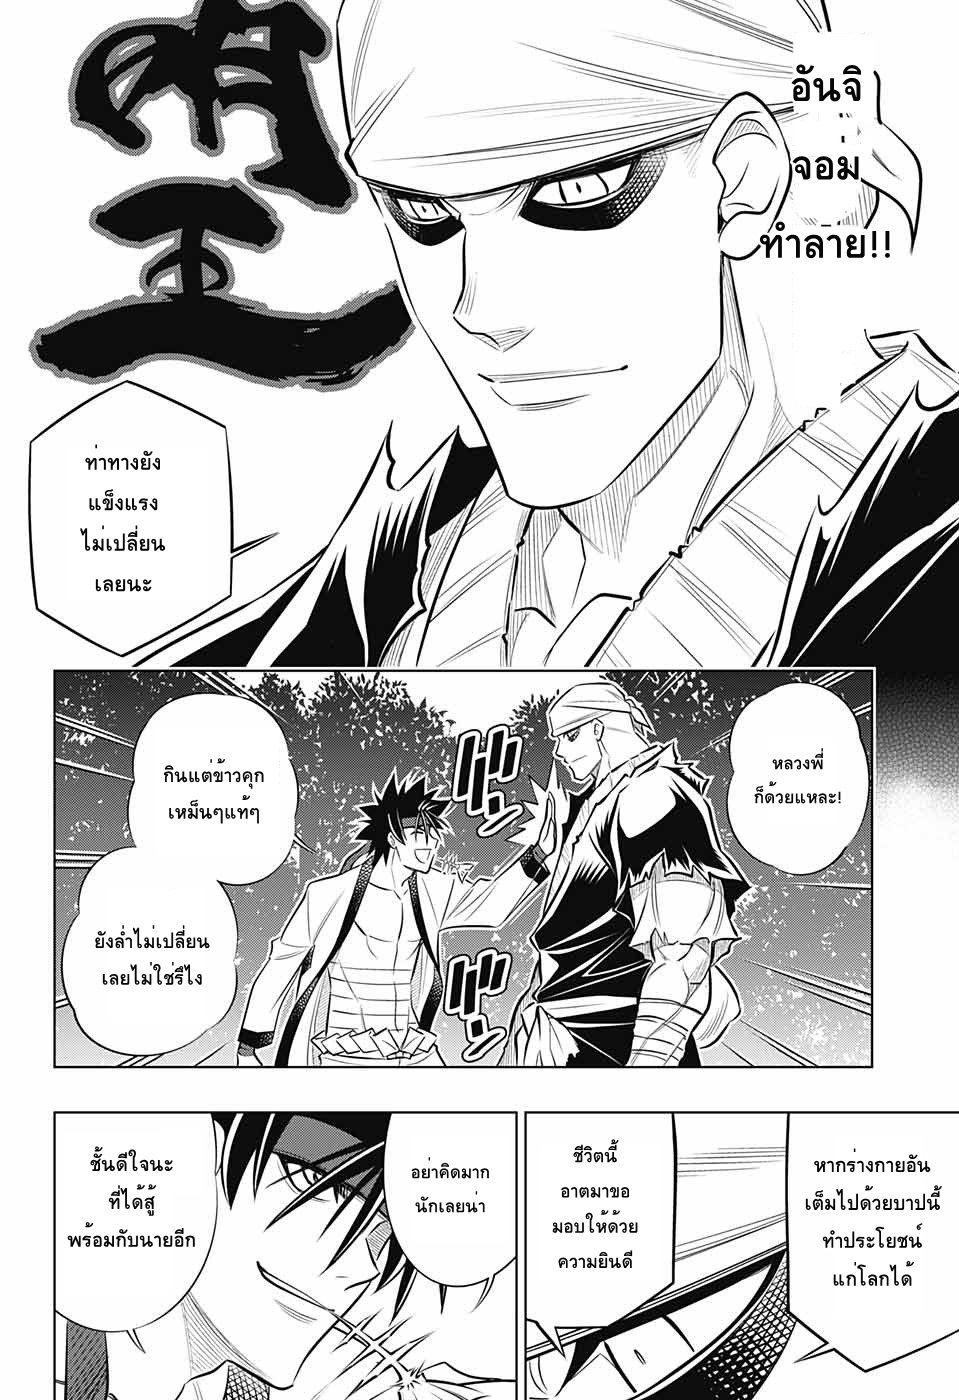 อ่านการ์ตูน Rurouni Kenshin: Hokkaido Arc ตอนที่ 14 หน้าที่ 16